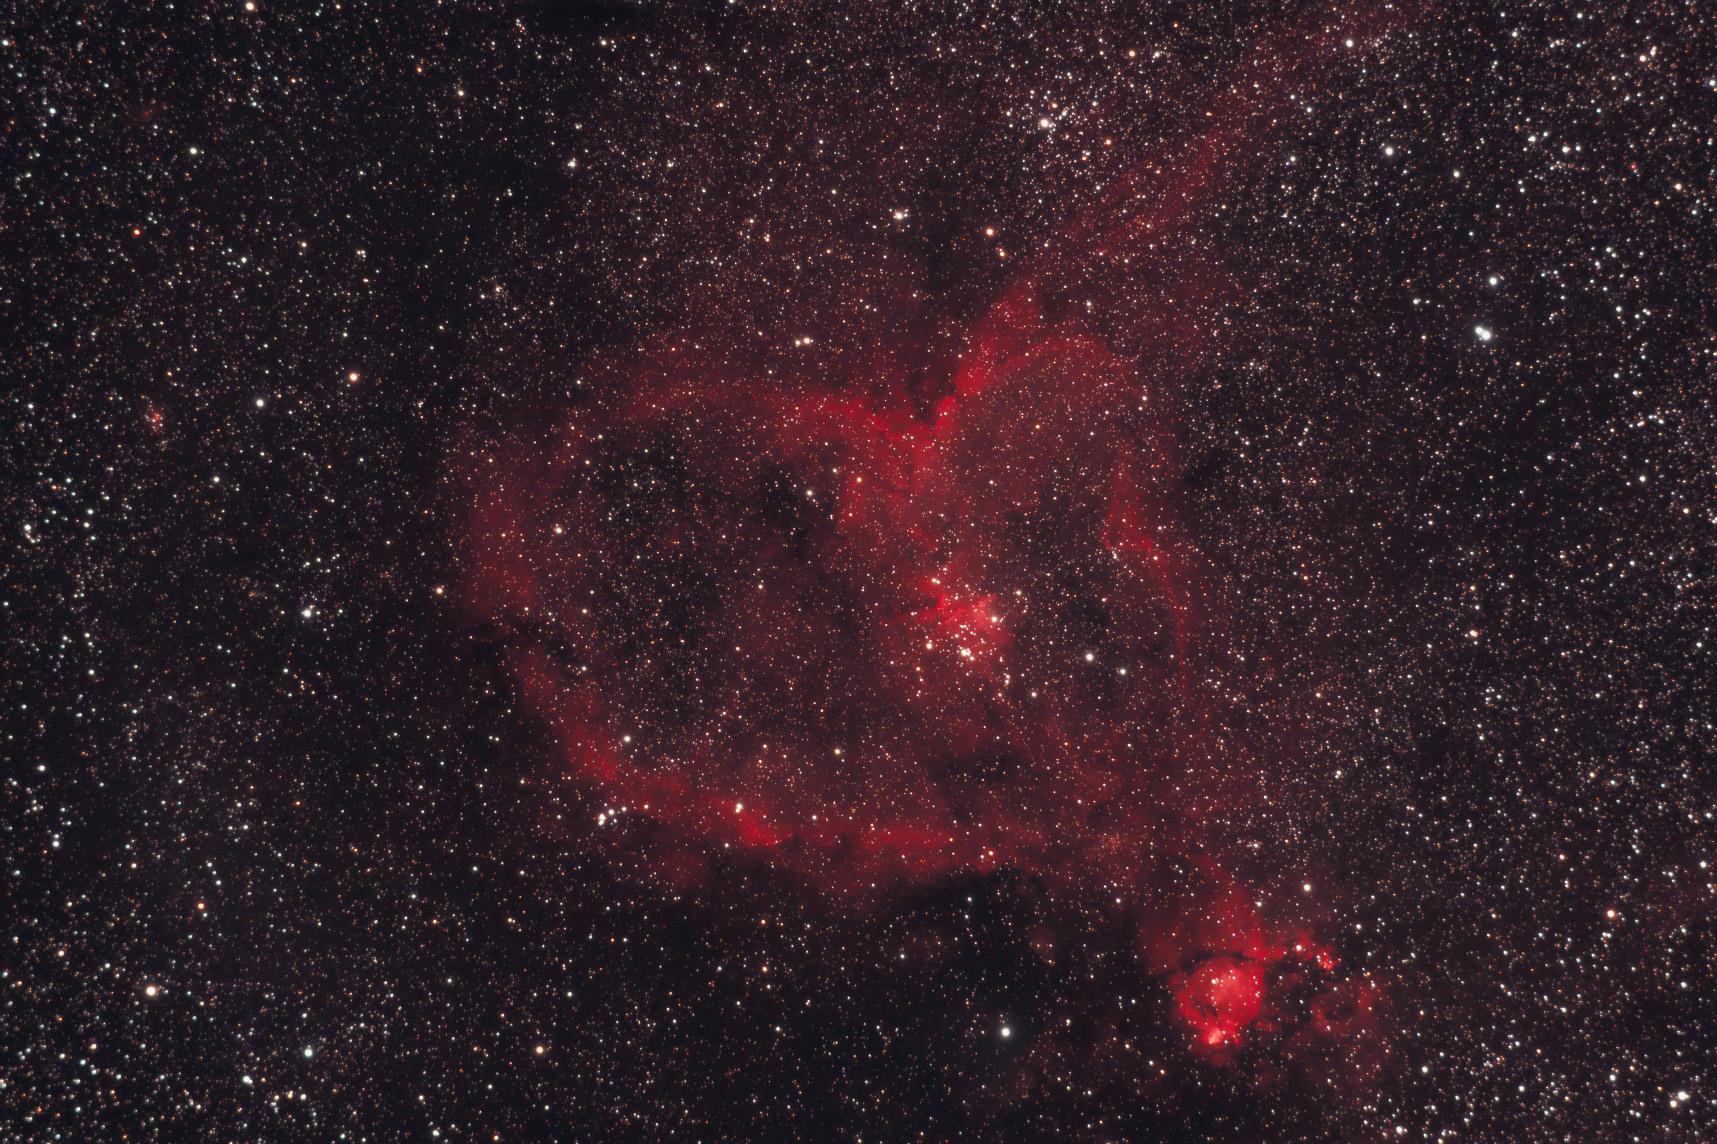 heartnebula-sv60-canon60da-1717x1144-2.jpg